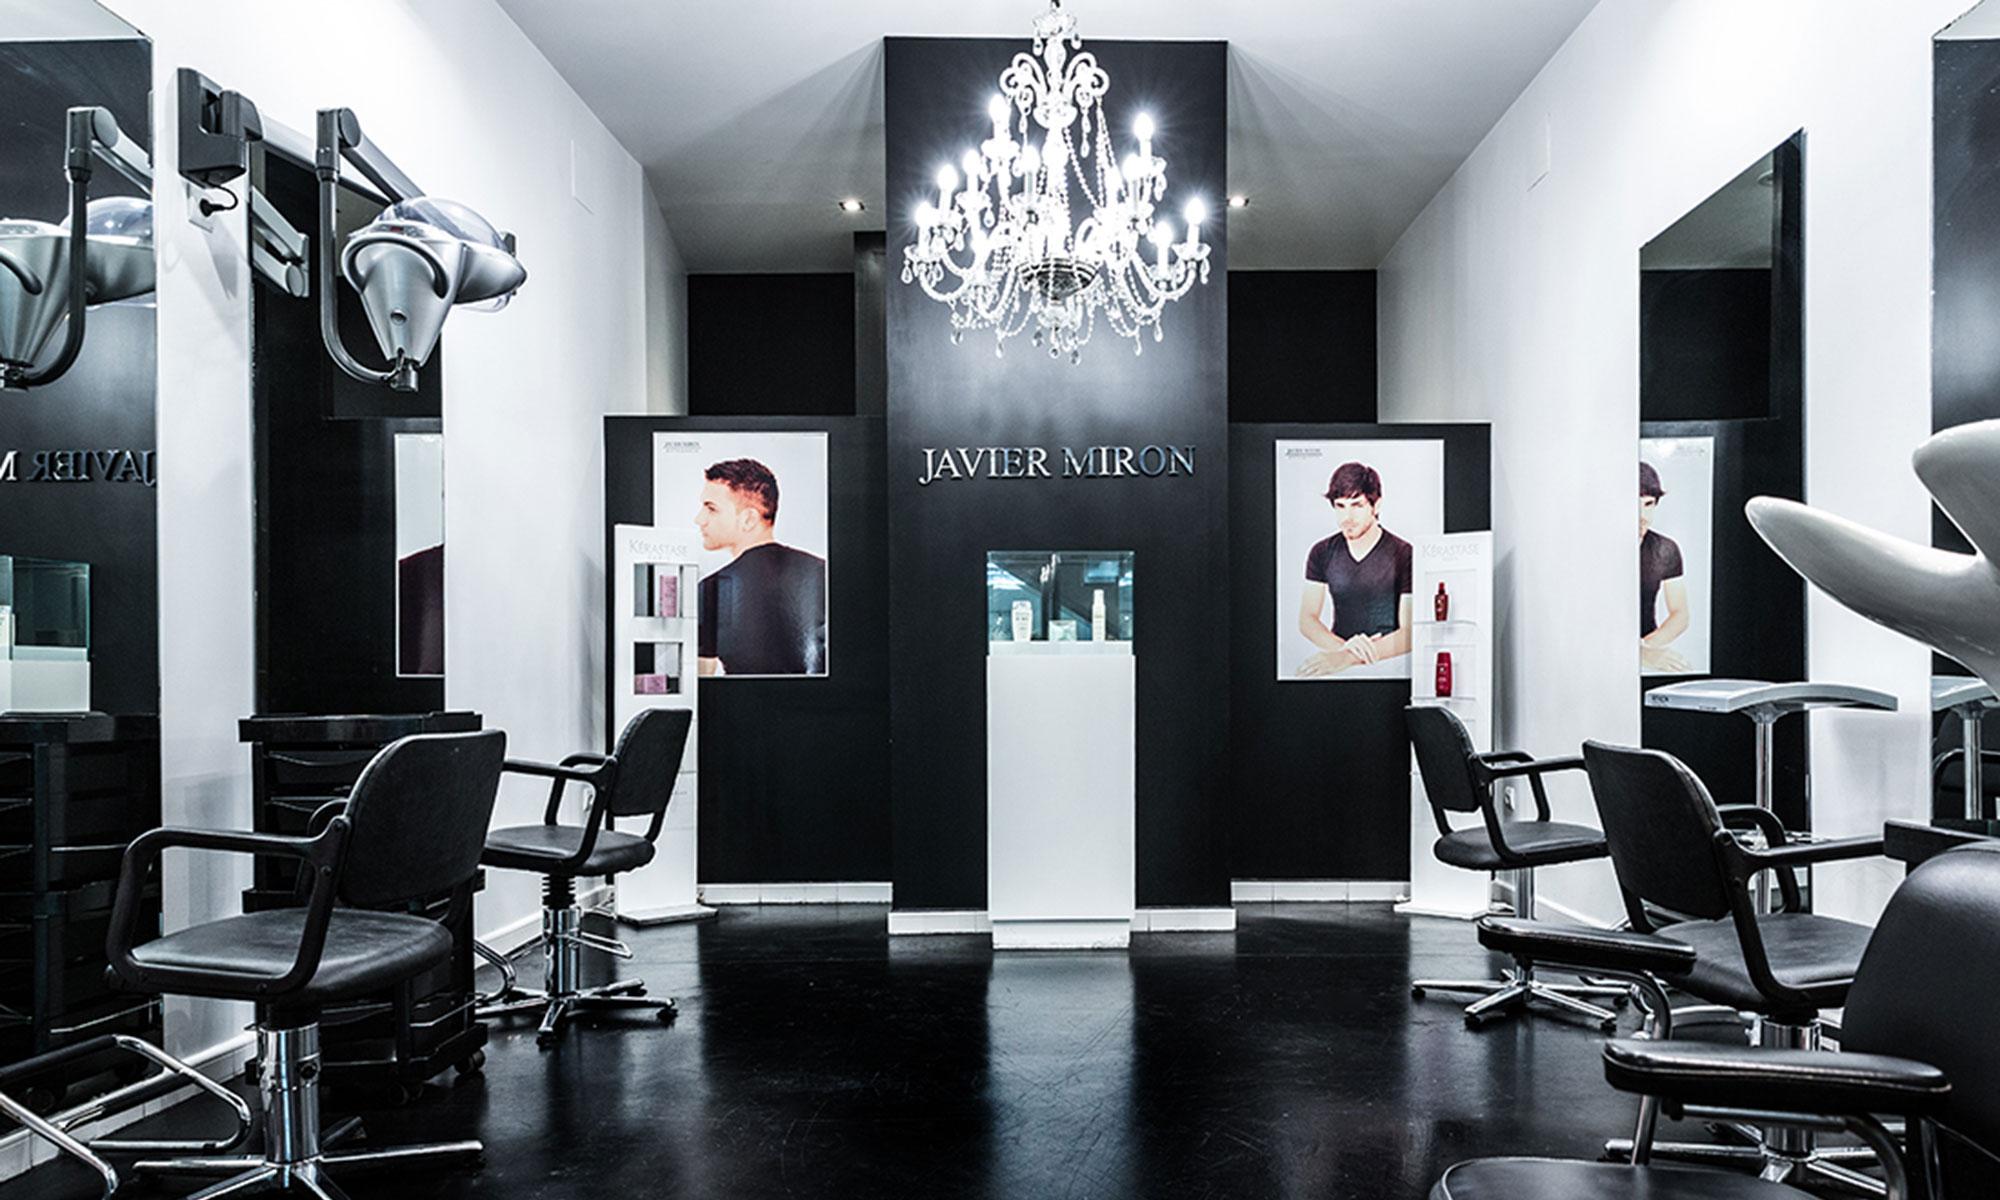 Javier mir n peluquero alta peluquer a en ciudad real - Salones de peluqueria decoracion fotos ...